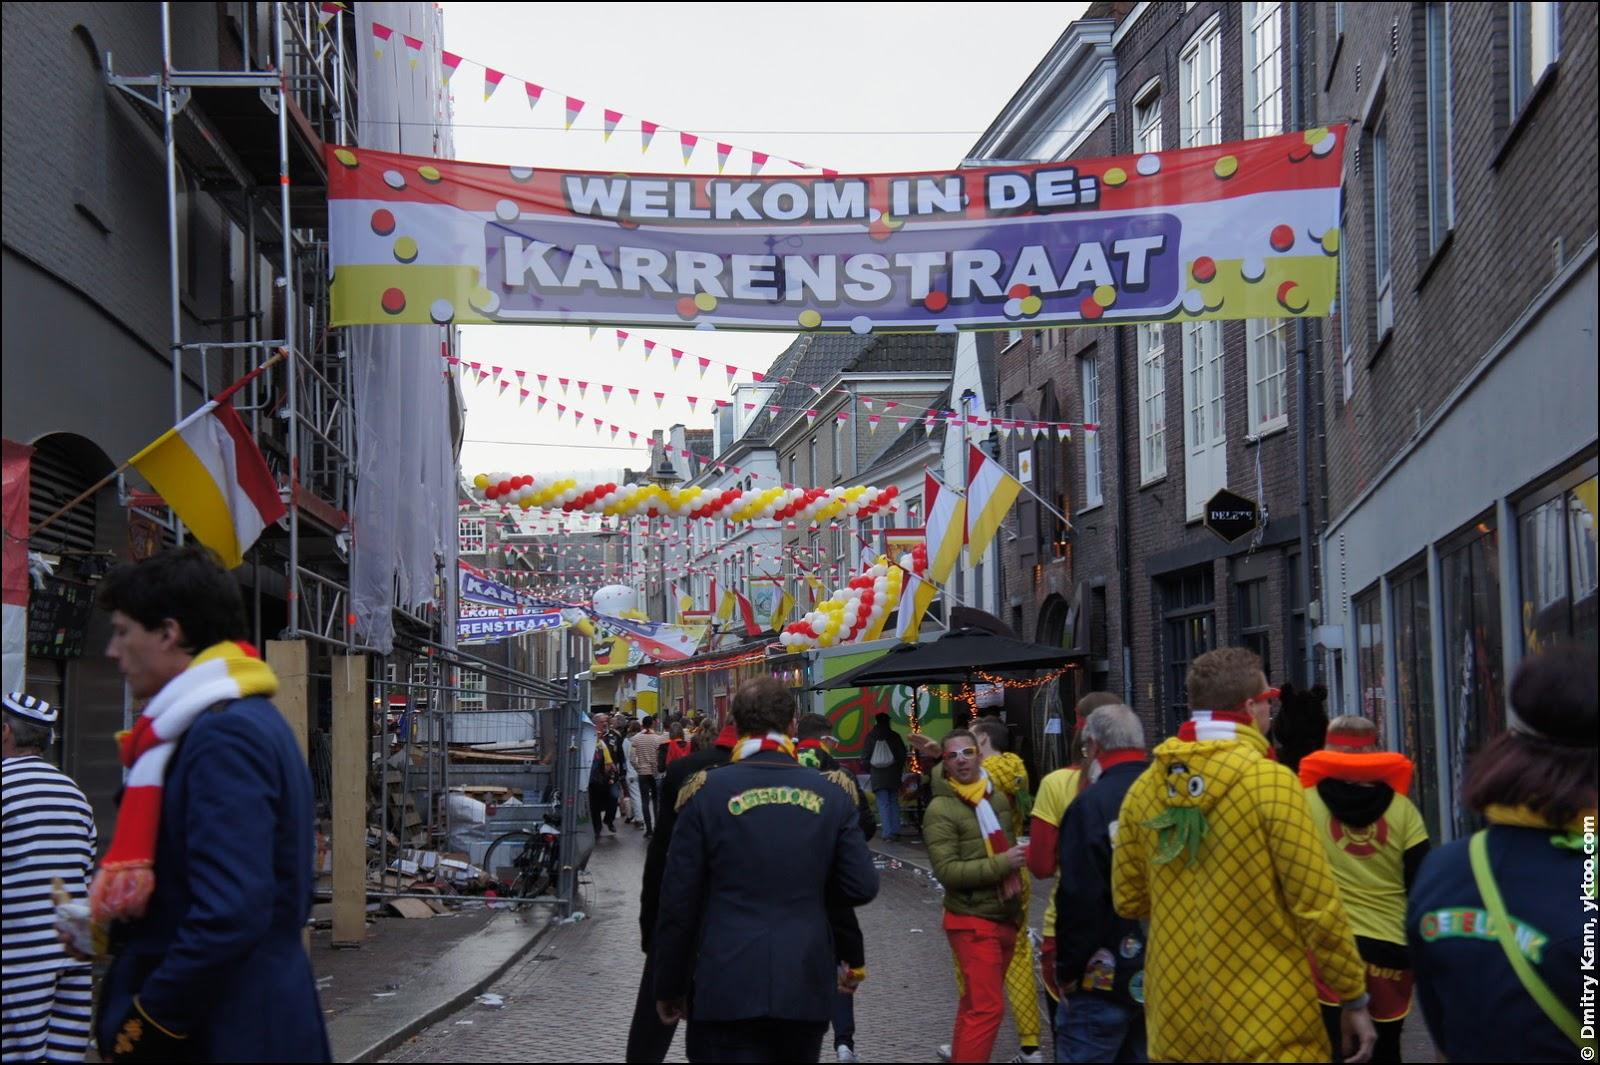 Carnival in Den Bosch.